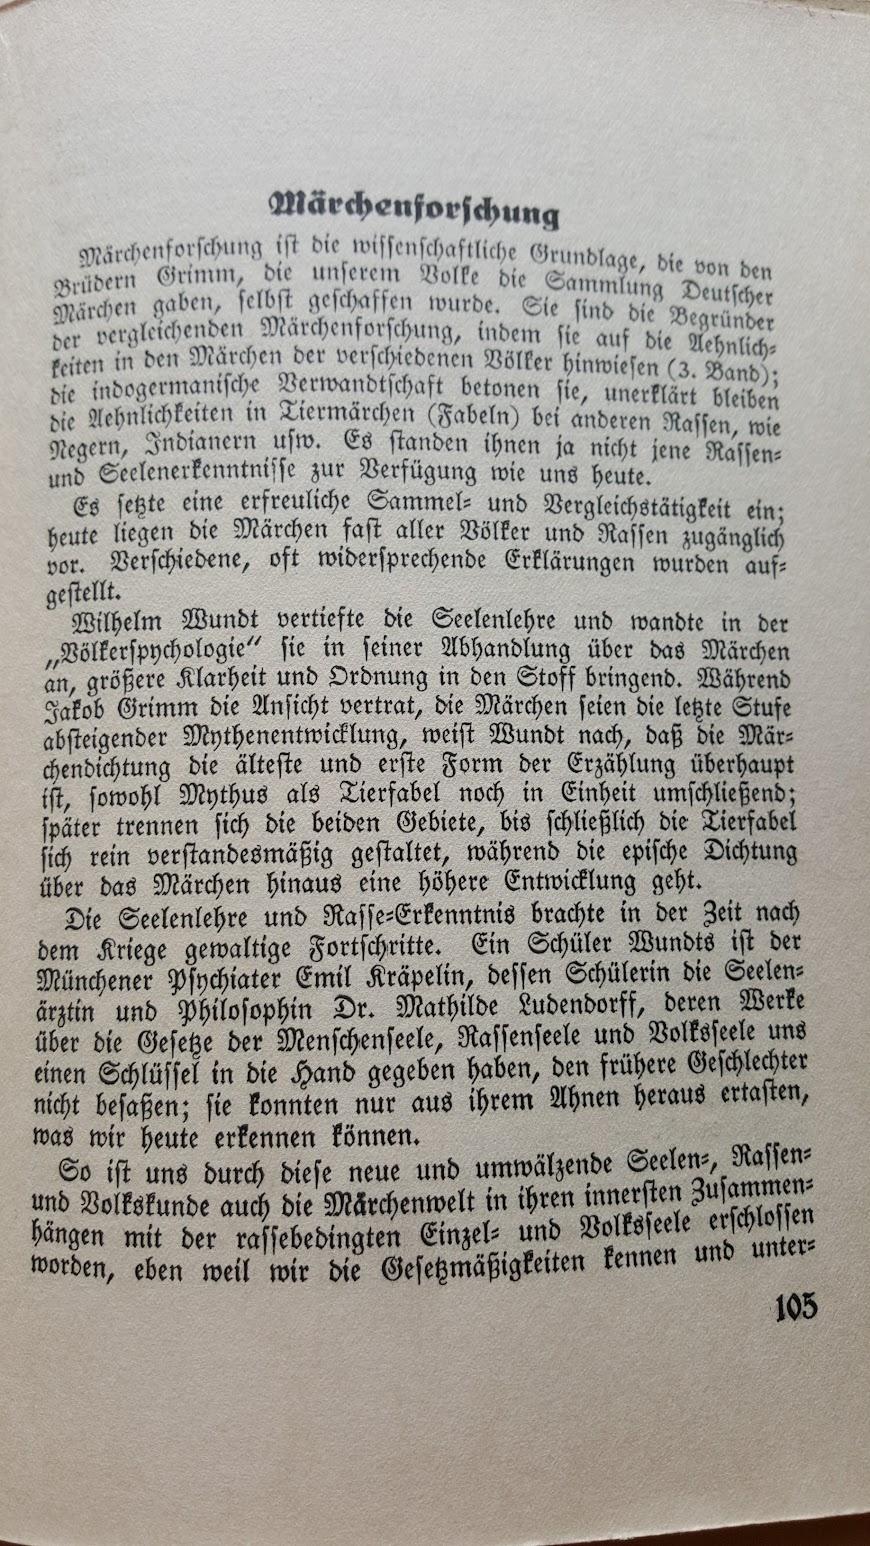 Deutsche Märchen und ihr Deutung, Ein Volksbuch aus der Nazizeit, 1934 - Märchenforschung